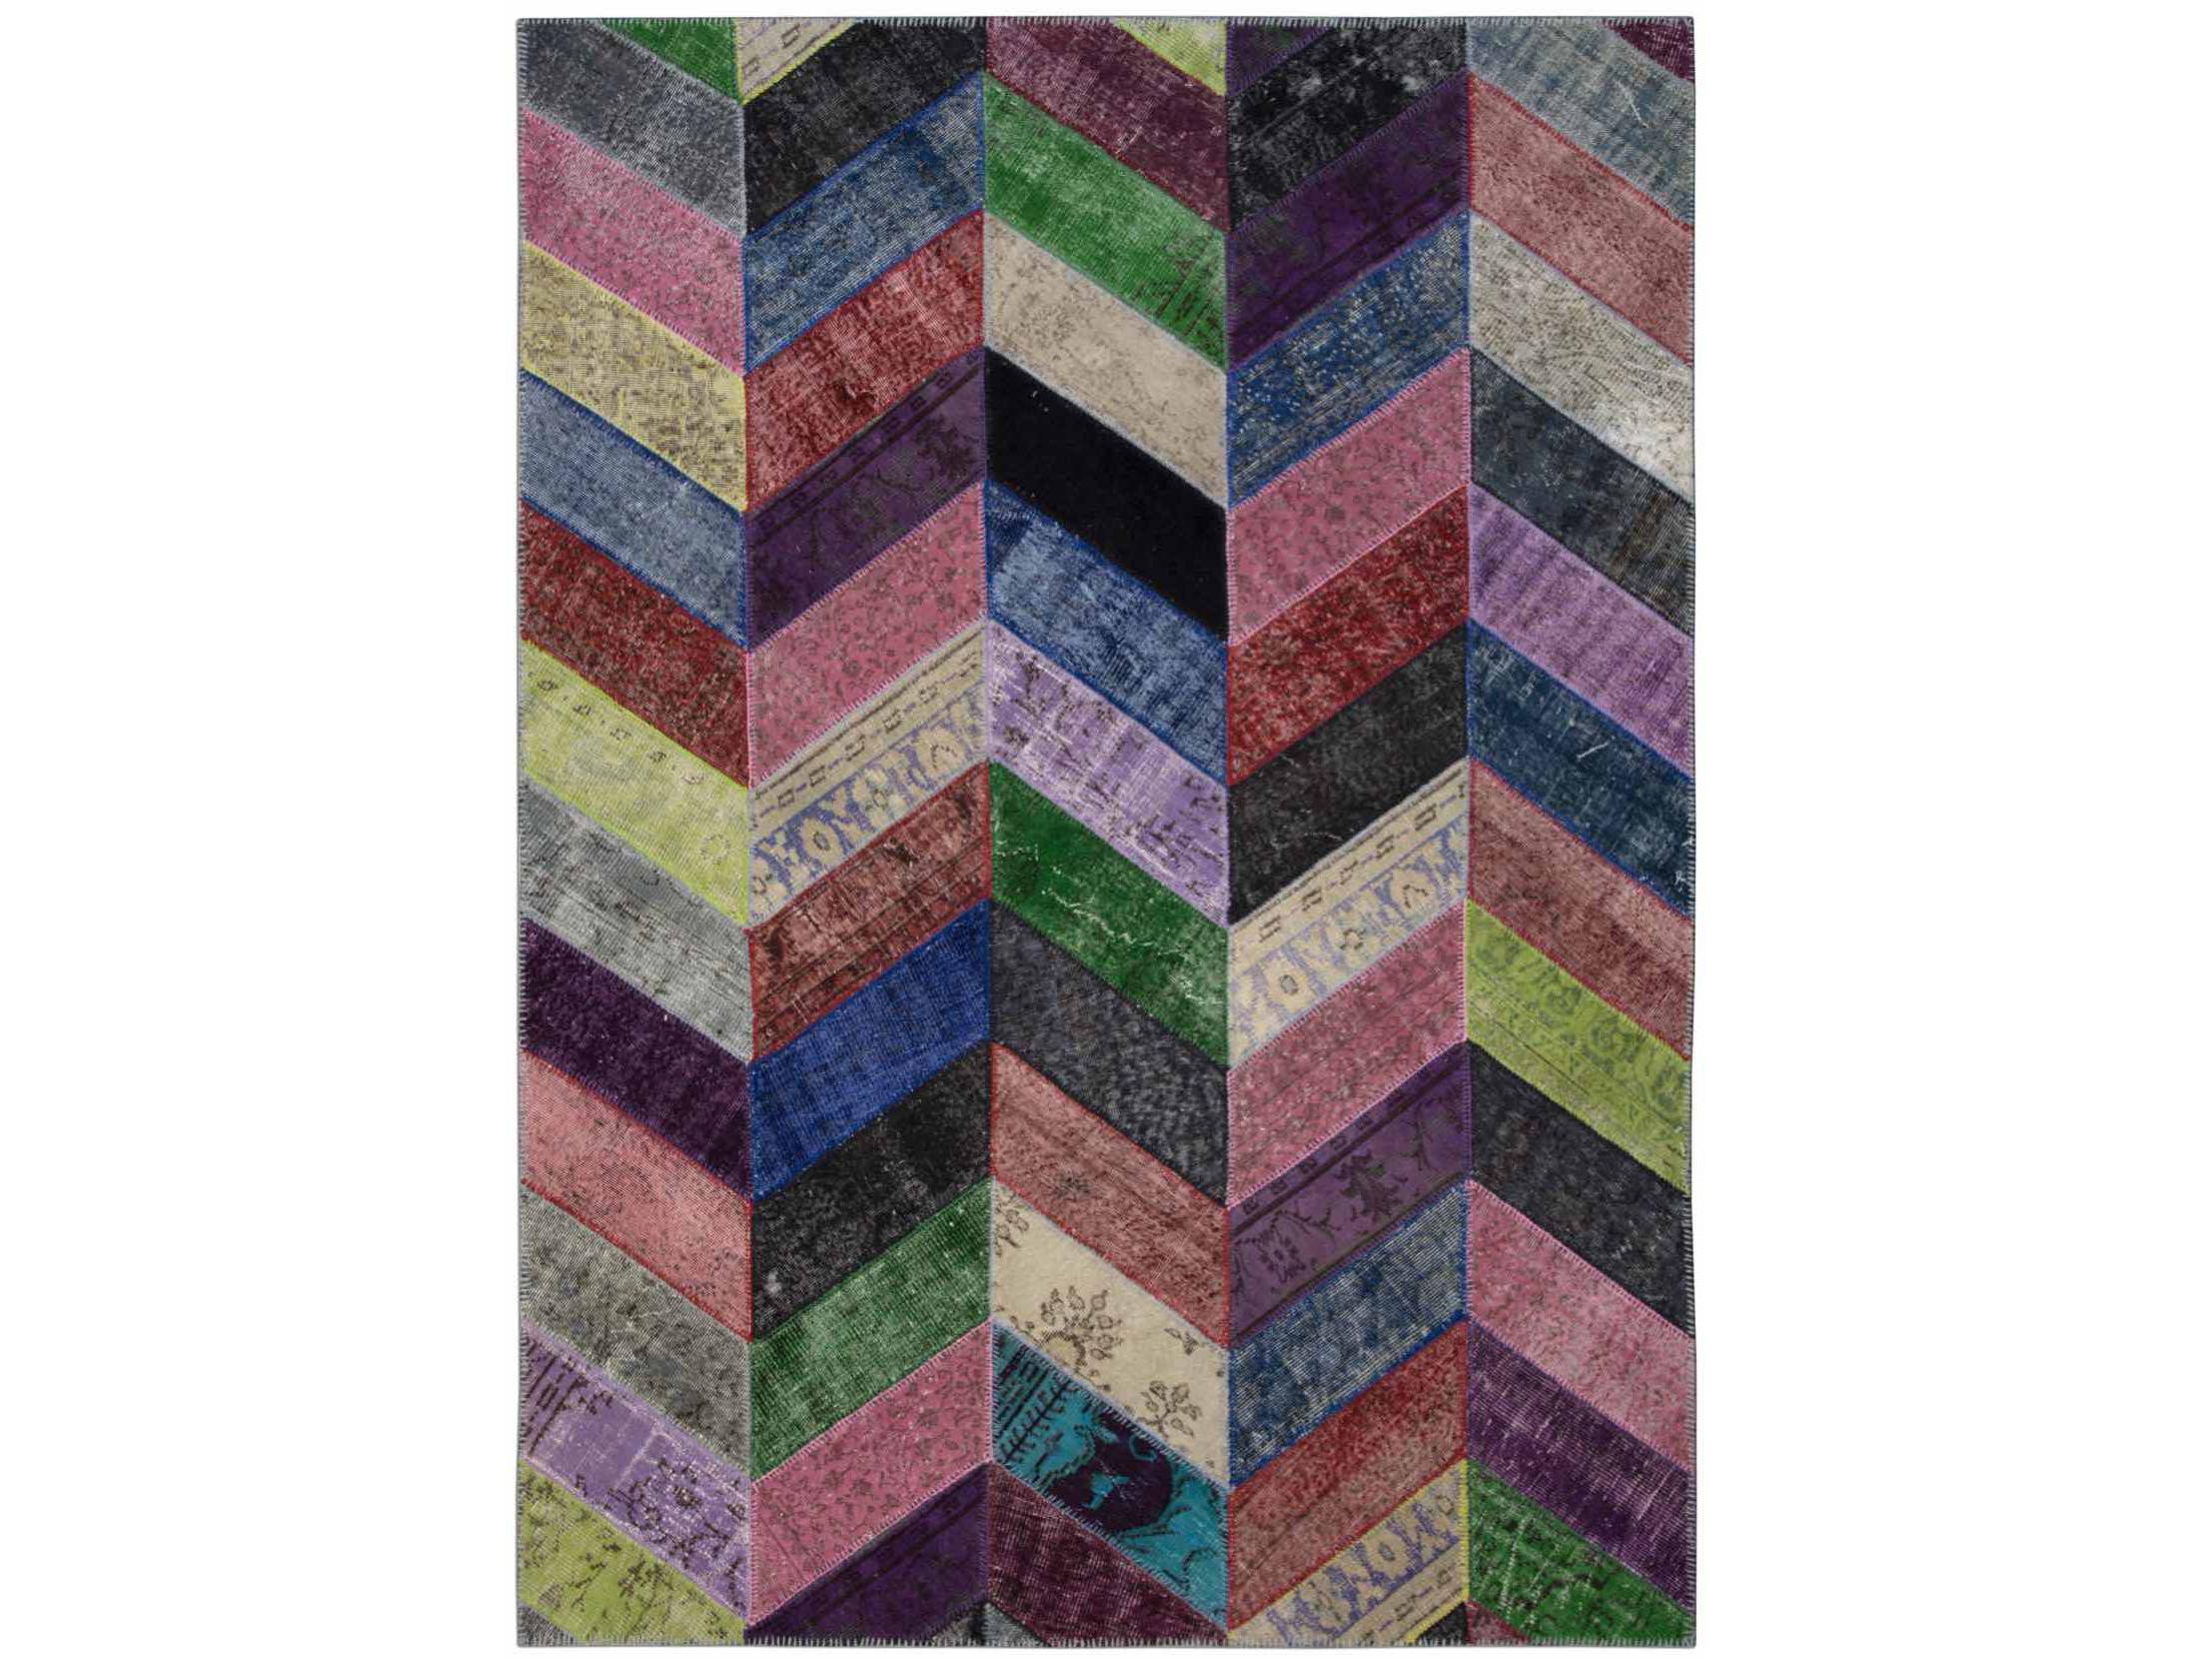 Ковер PatchworkПрямоугольные ковры<br>Винтажный ковер ручной работы в стиле &amp;quot;пэчворк&amp;quot; <br>из 100% шерсти. Ковер прекрасно подходит в <br>любые современные и классические интерьеры, <br>а благодаря тощине ковра всего 5 мм. и отсутствию <br>ворса, его легко чистить любыми видами пылесосов. <br>Этот настоящий ковер ручной работы не потеряет <br>своих красок и будет служить десятилетия. <br>В нашем ассортименте более 3000 ковров &amp;quot;пэчворк&amp;quot; <br>различных размеров и расцветок! Если не <br>нашли, тот ковер, который искали, обращайтесь <br>к нашим менеджерам, мы предоставим полный <br>каталог!<br><br>Material: Шерсть<br>Ширина см: 215.0<br>Глубина см: 301.0